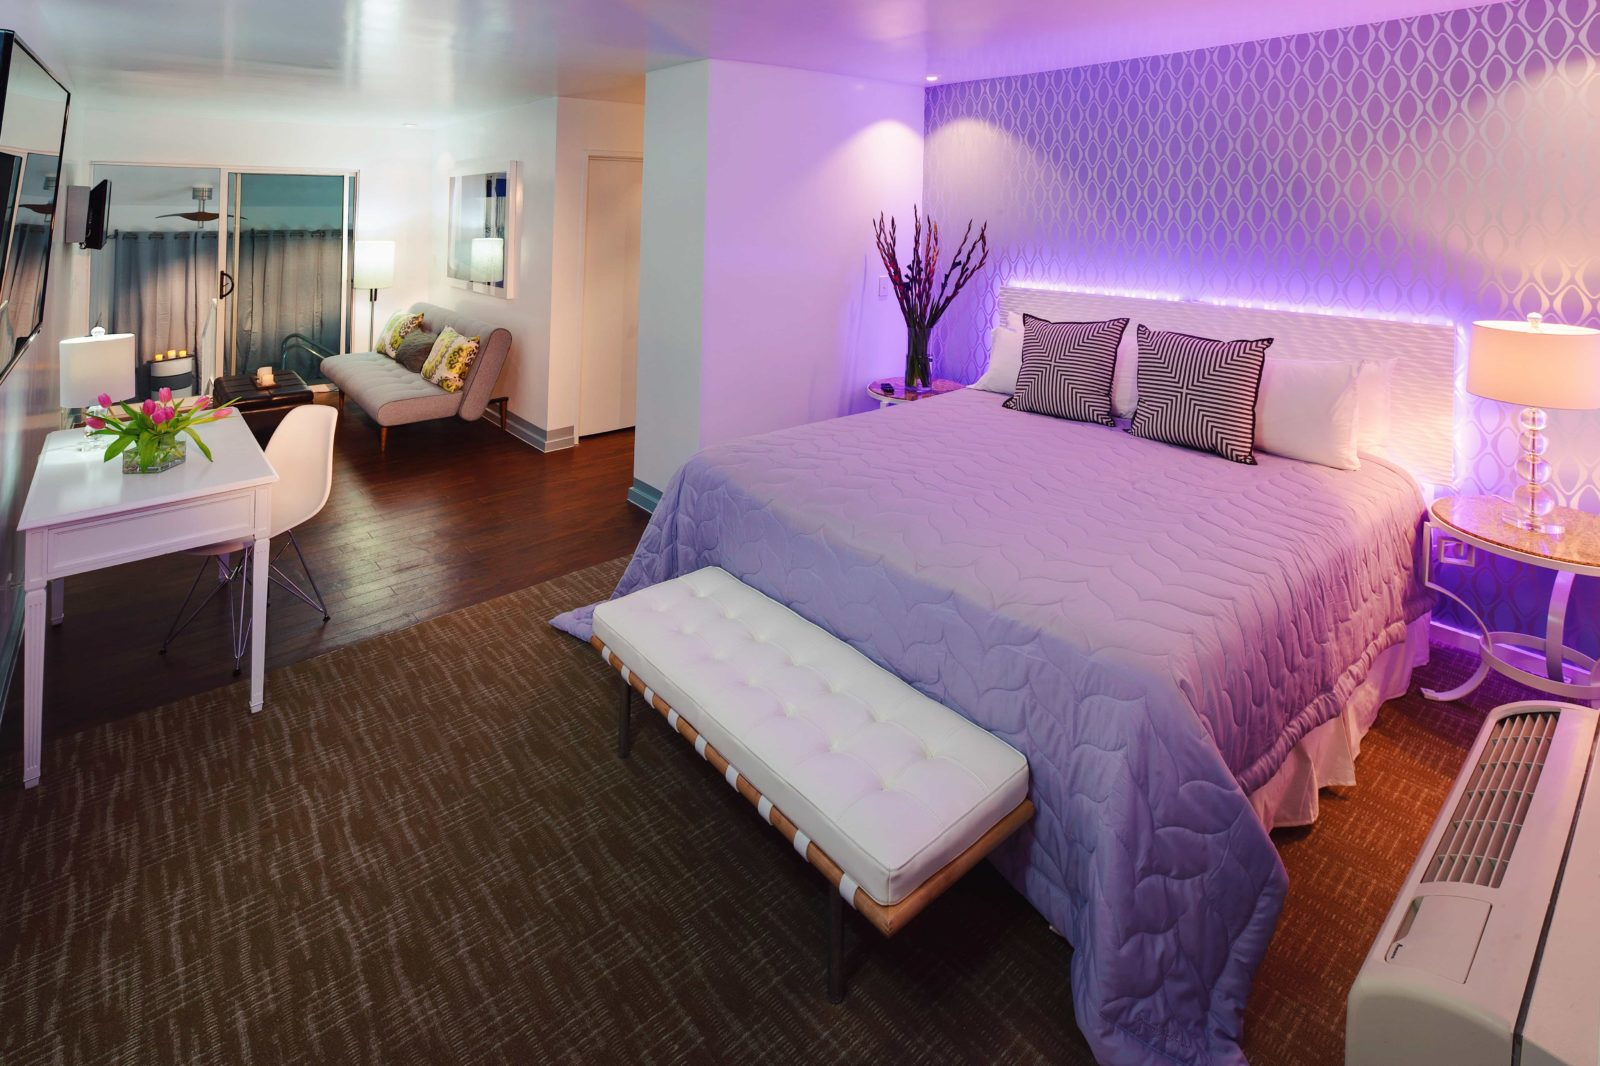 soleil-suite_room_aqua-soleil-hotel